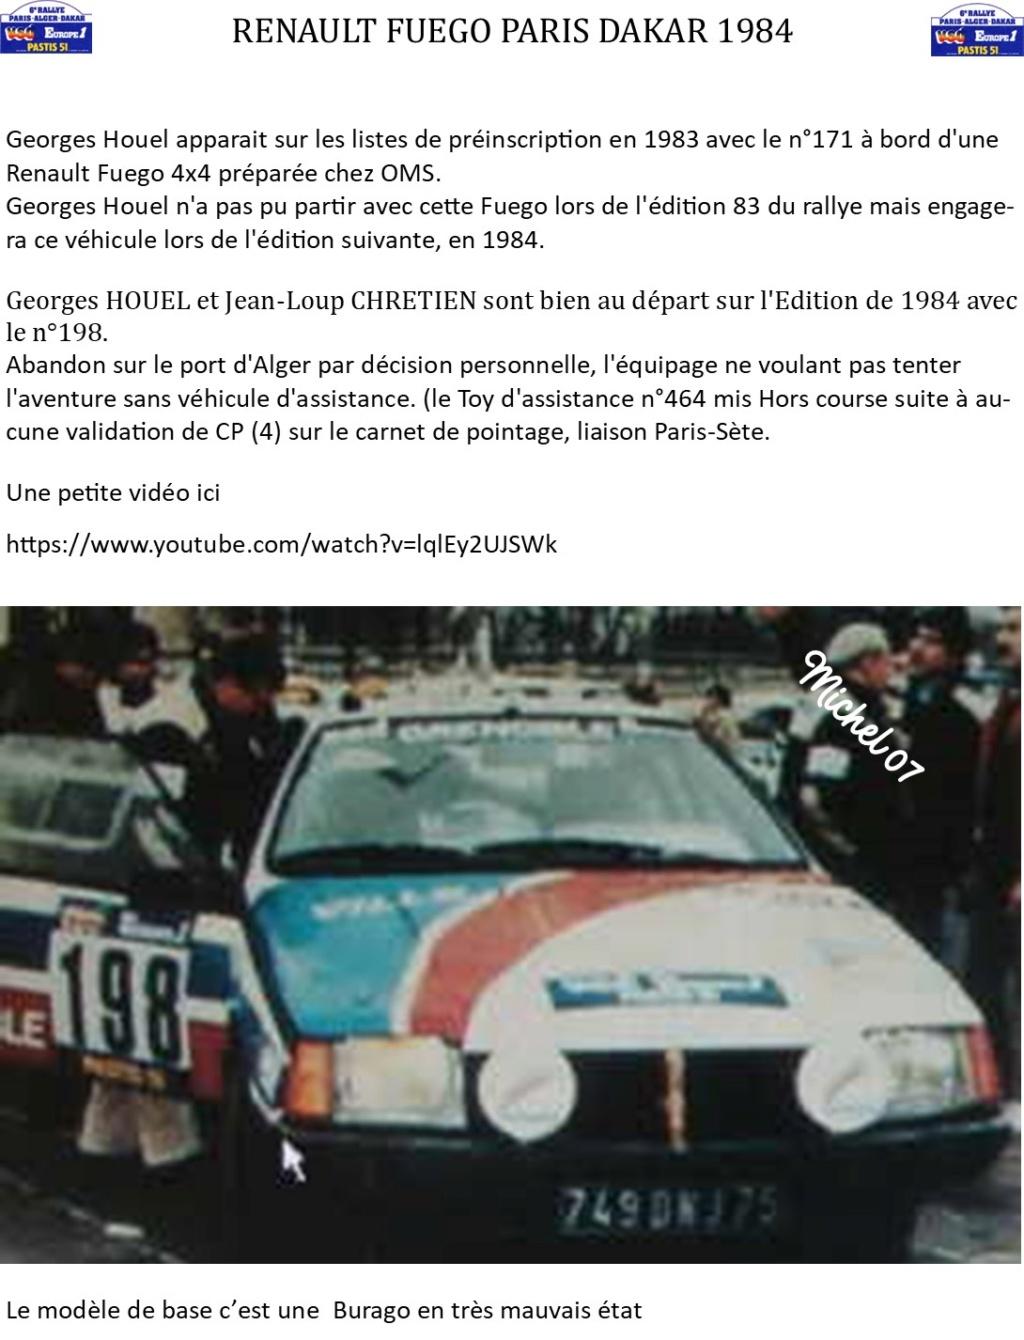 Défi 2020 - Renault Fuego 1/24 Paris Dakar 1984 Image240